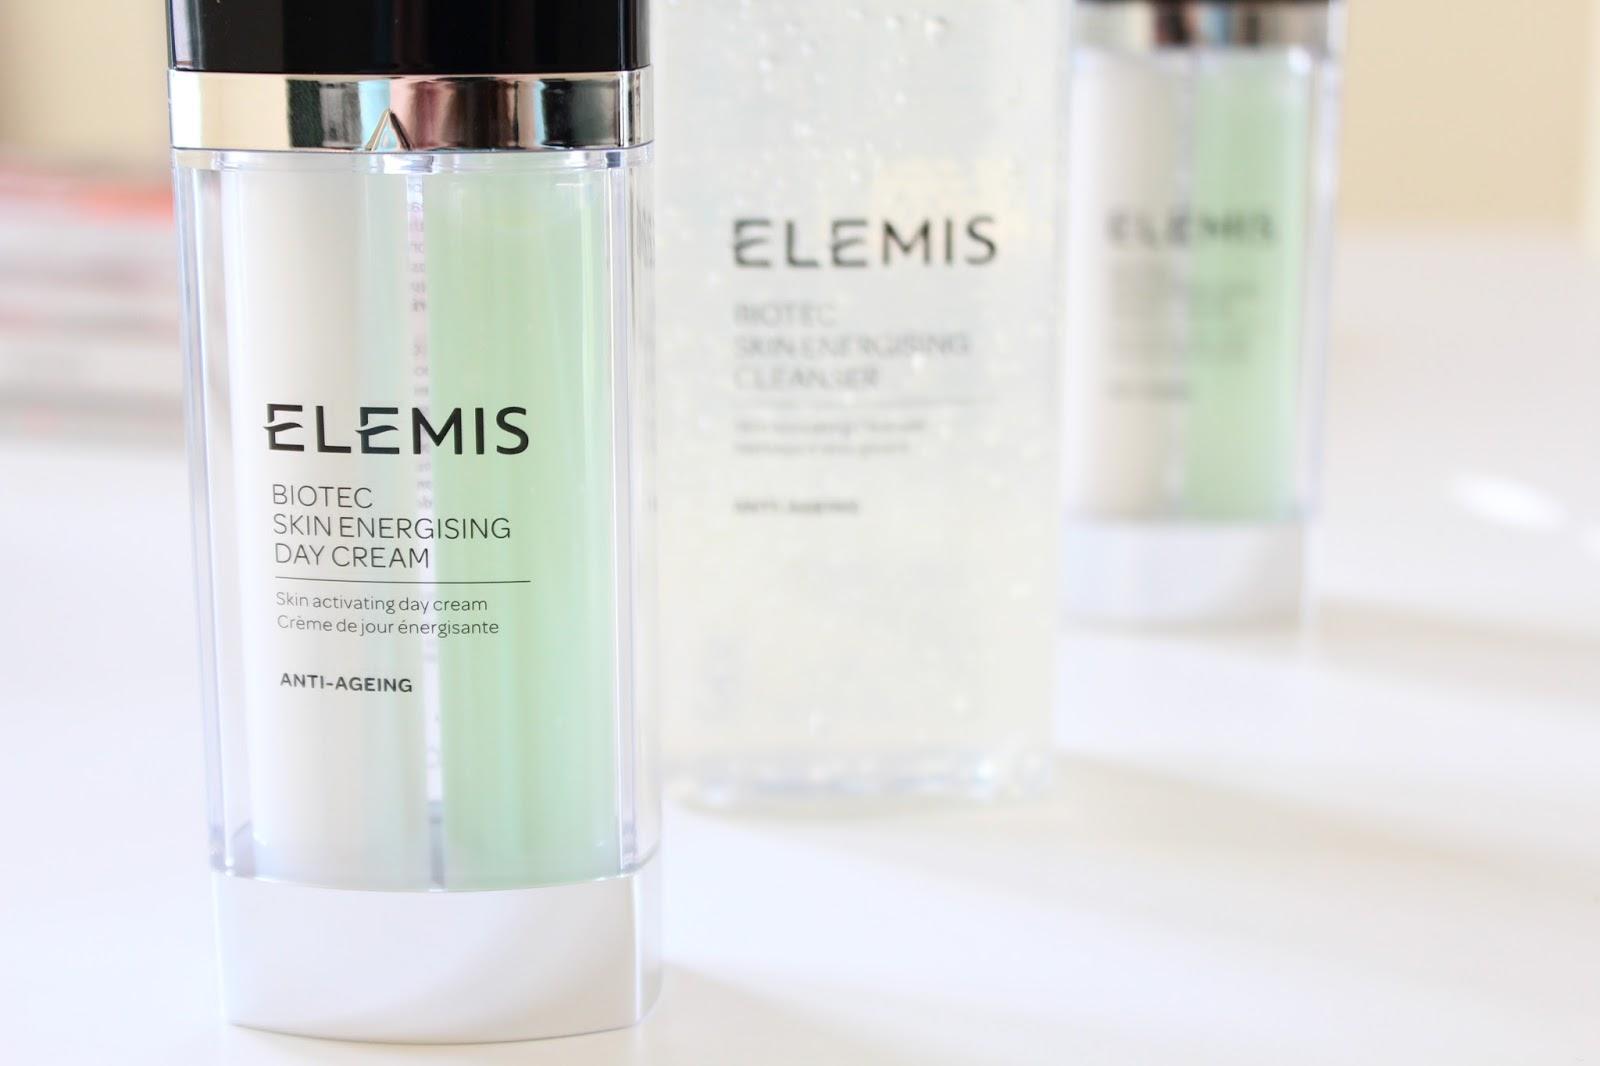 Elemis Skin Energising Biotec Day Cream